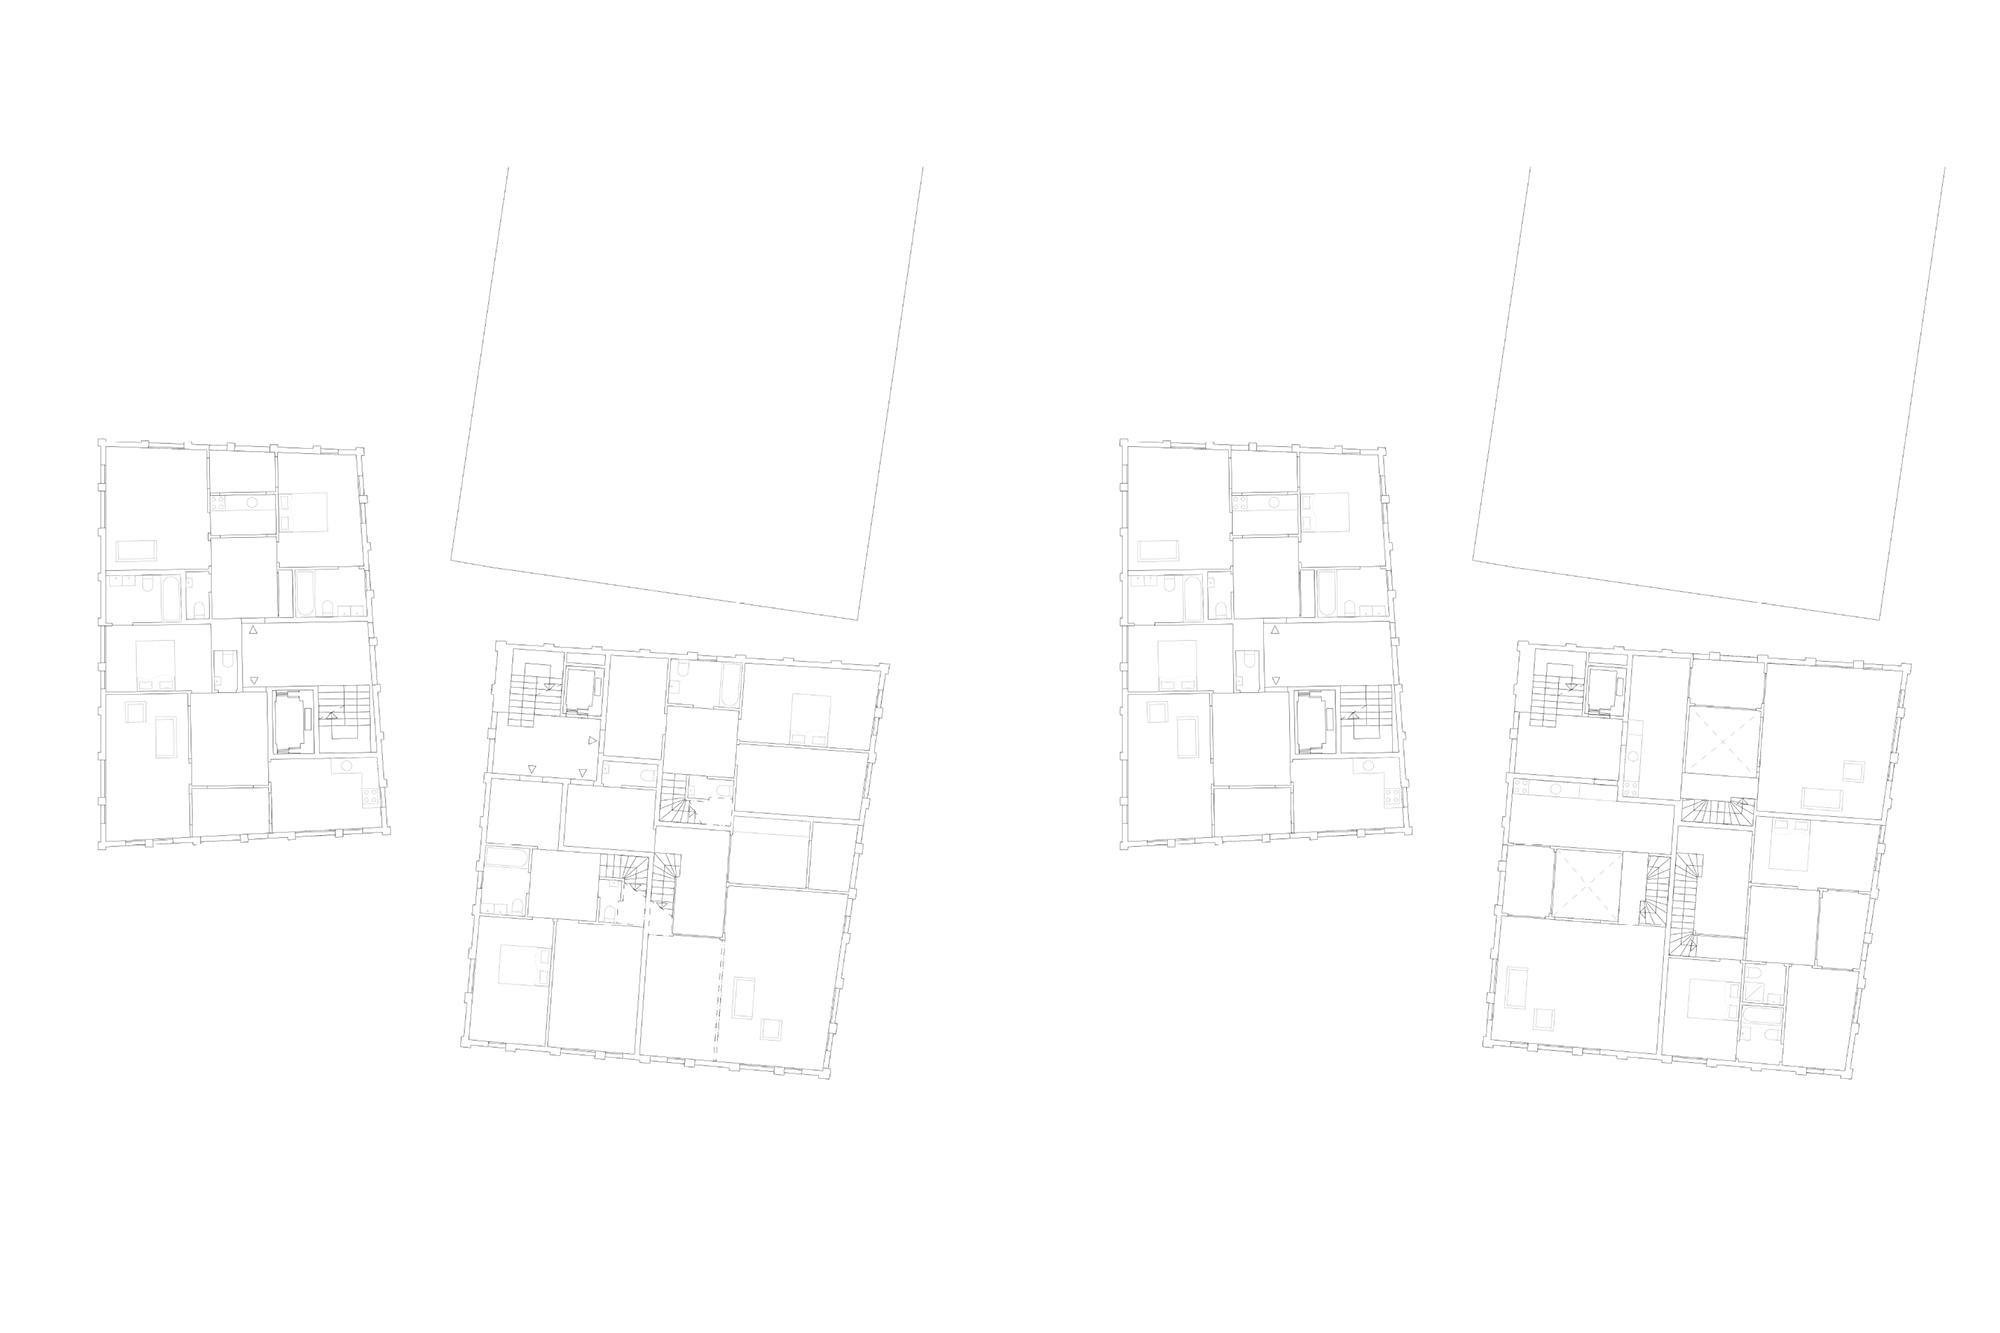 AATD_Weststrasse_Plan.jpg